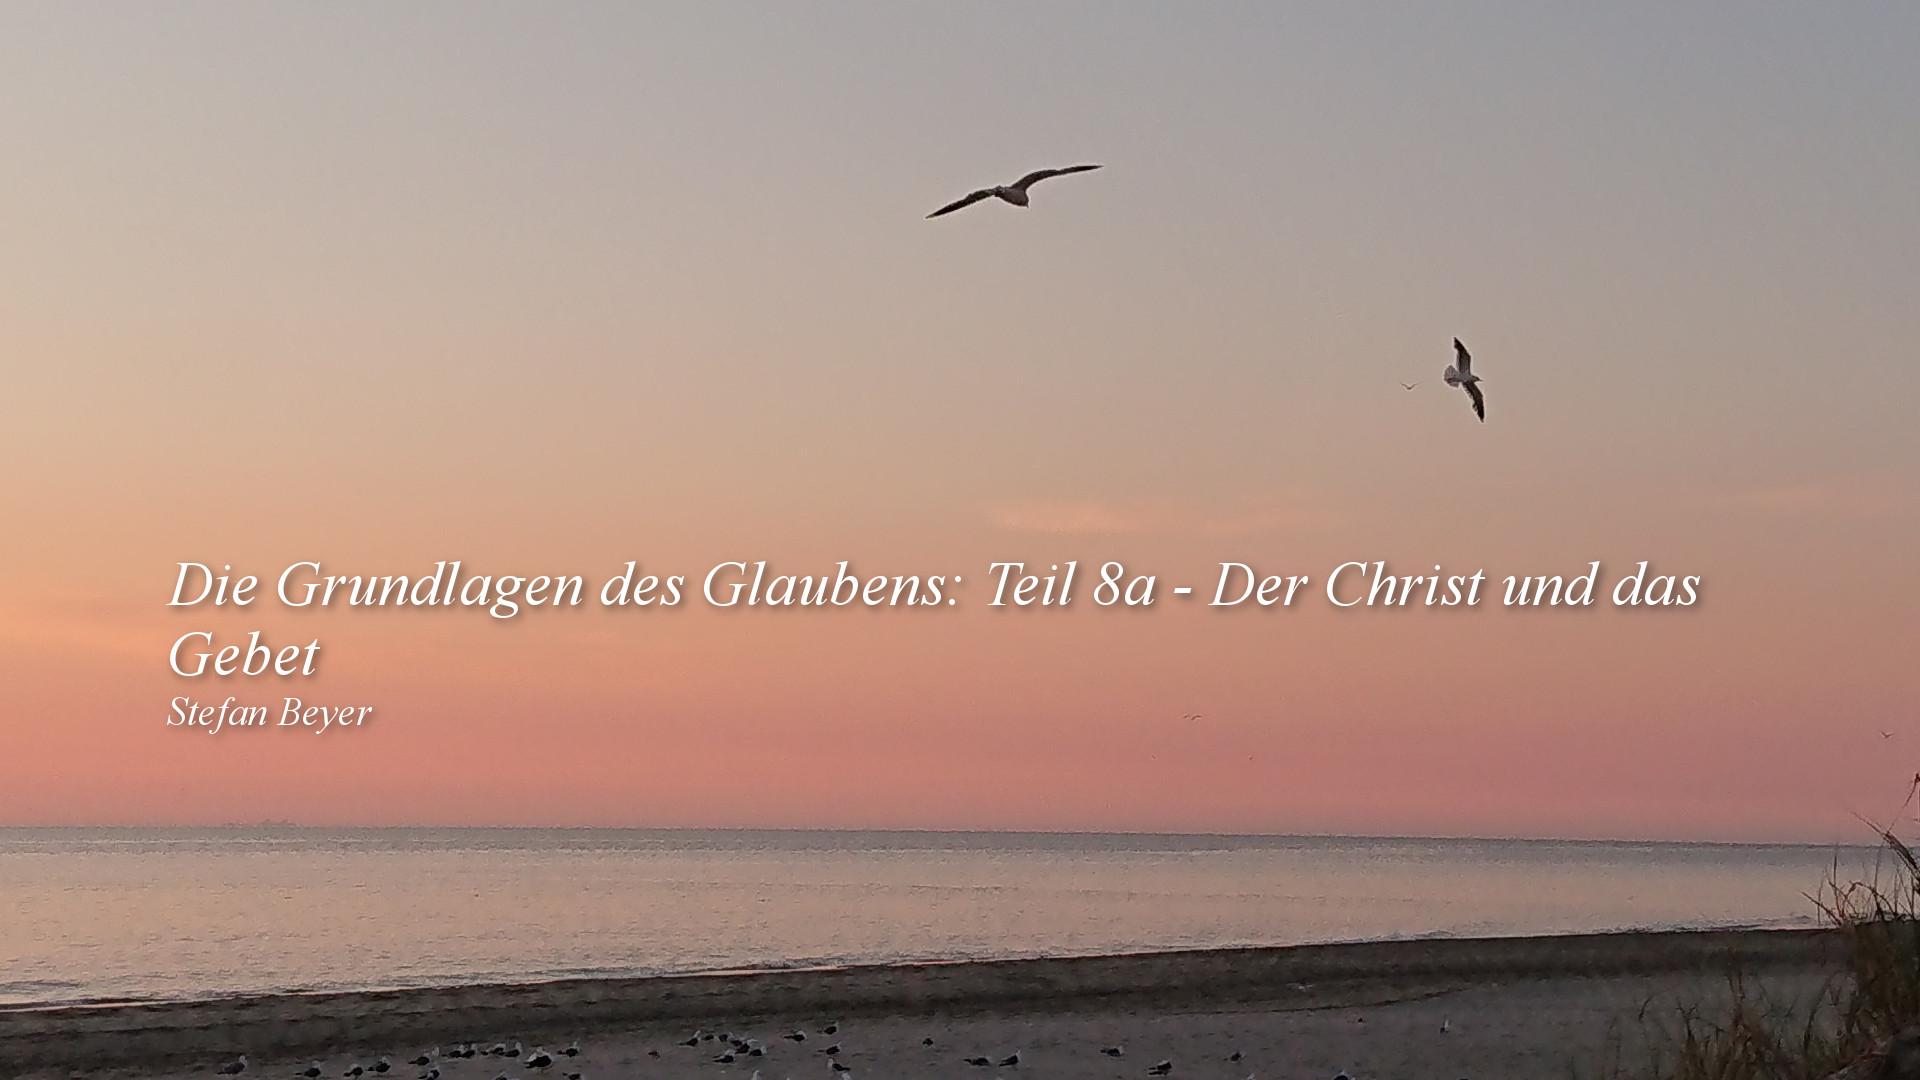 Die Grundlagen des Glaubens: Teil 8a – Der Christ und das Gebet